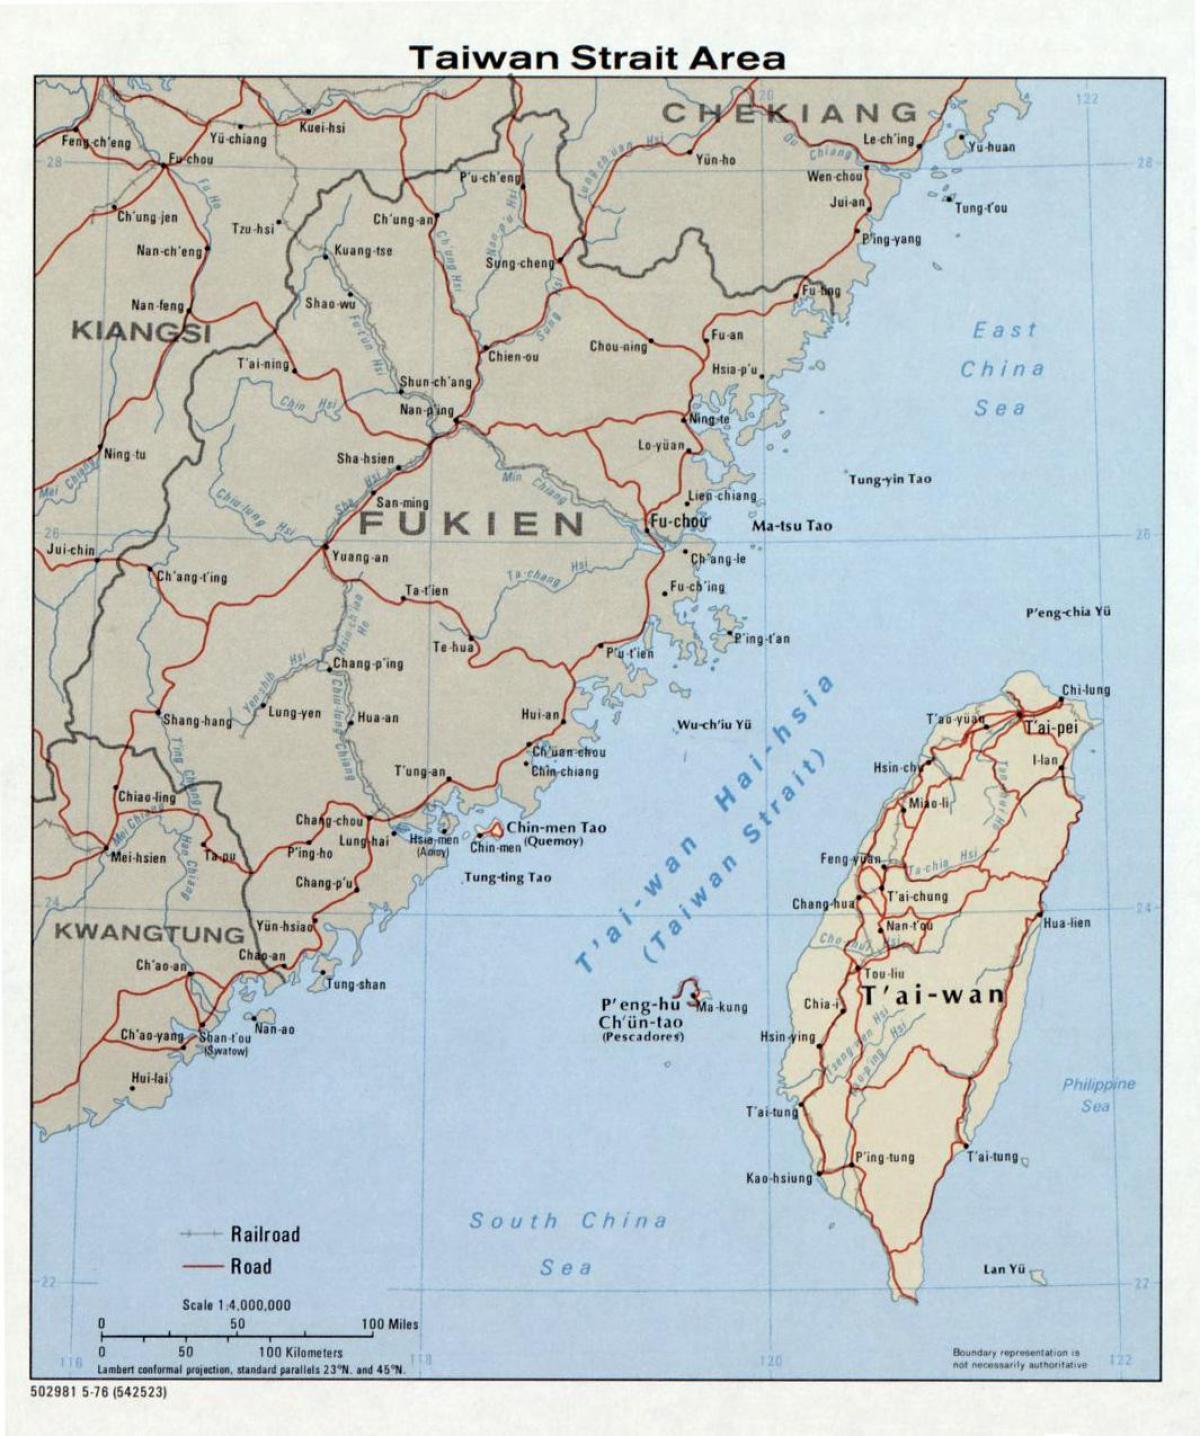 Taiwan Strait Map Taiwan strait map   Map of Taiwan strait (Eastern Asia   Asia)